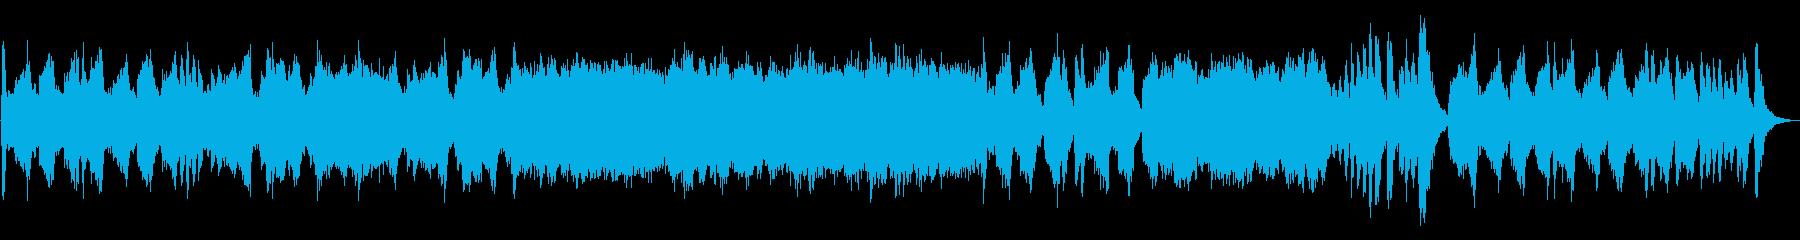 モダンな弦楽四重奏の再生済みの波形